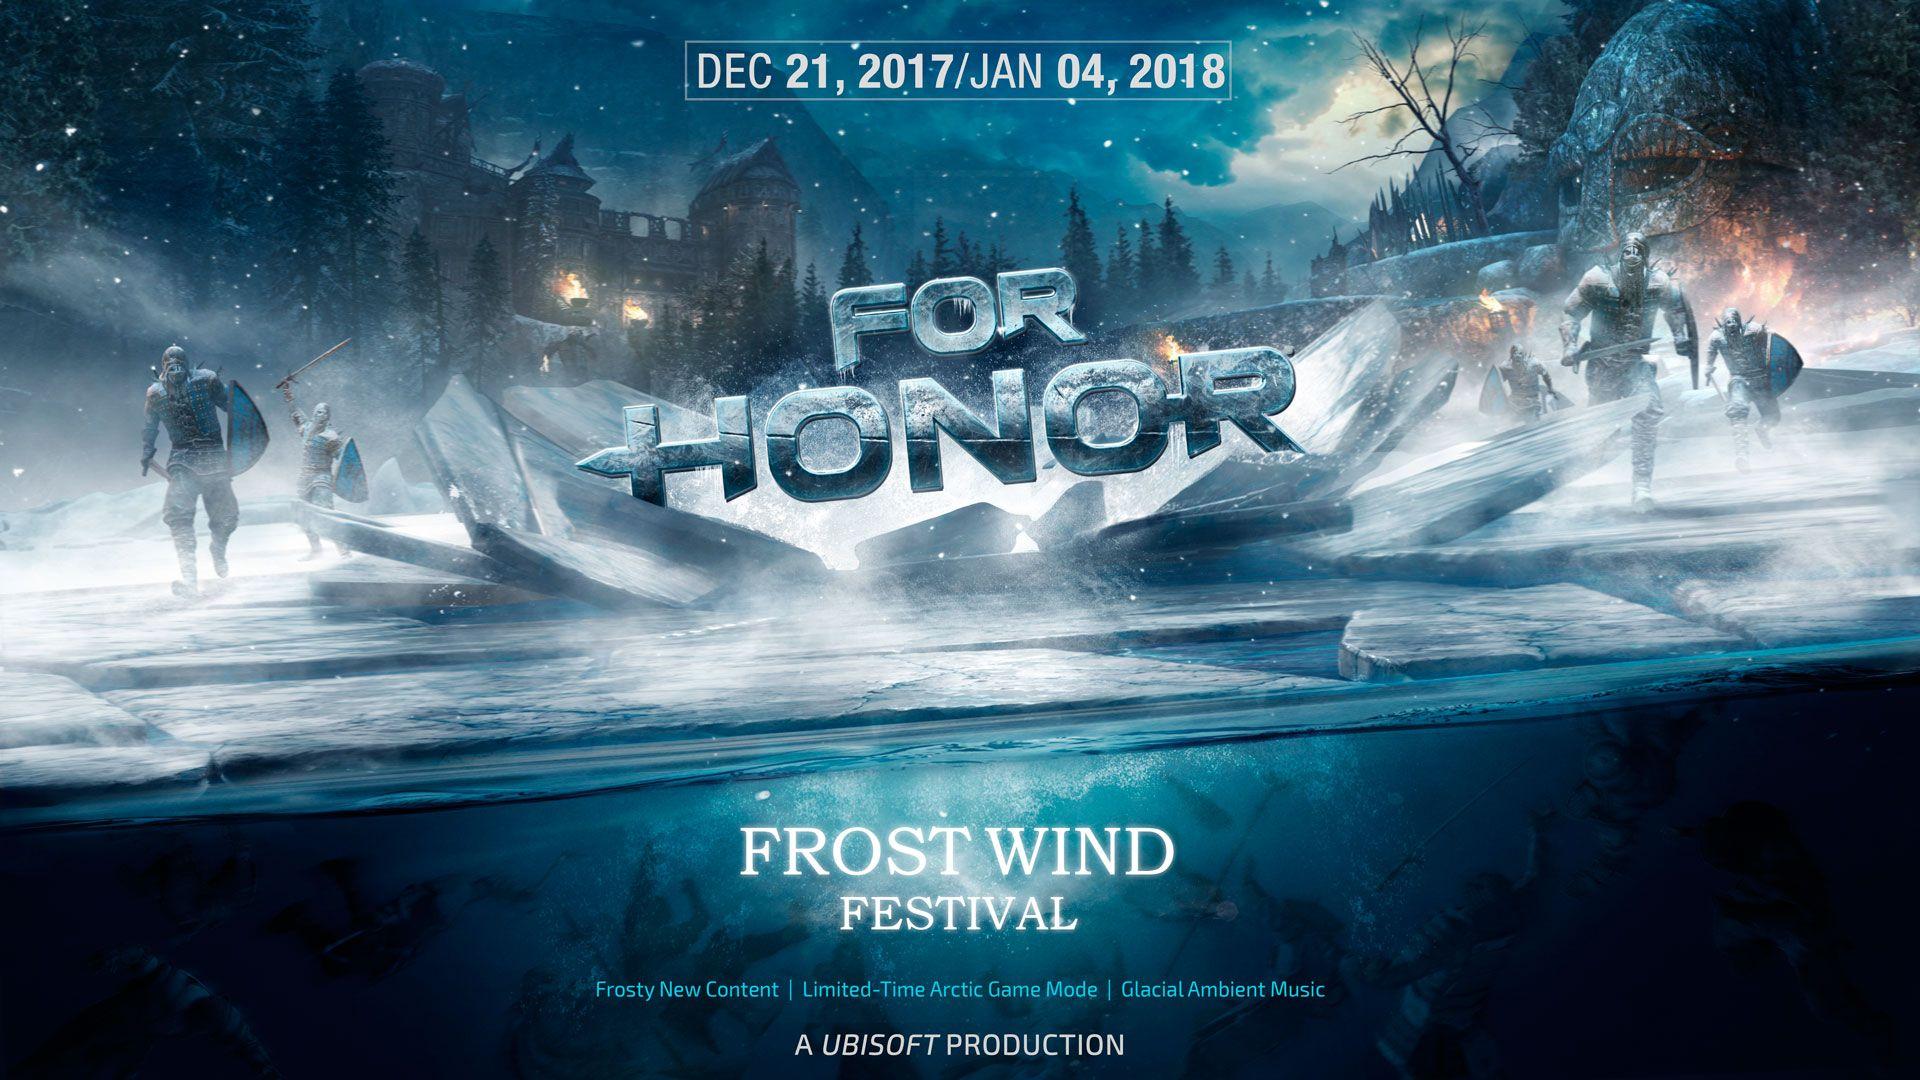 Frost Wind Festival